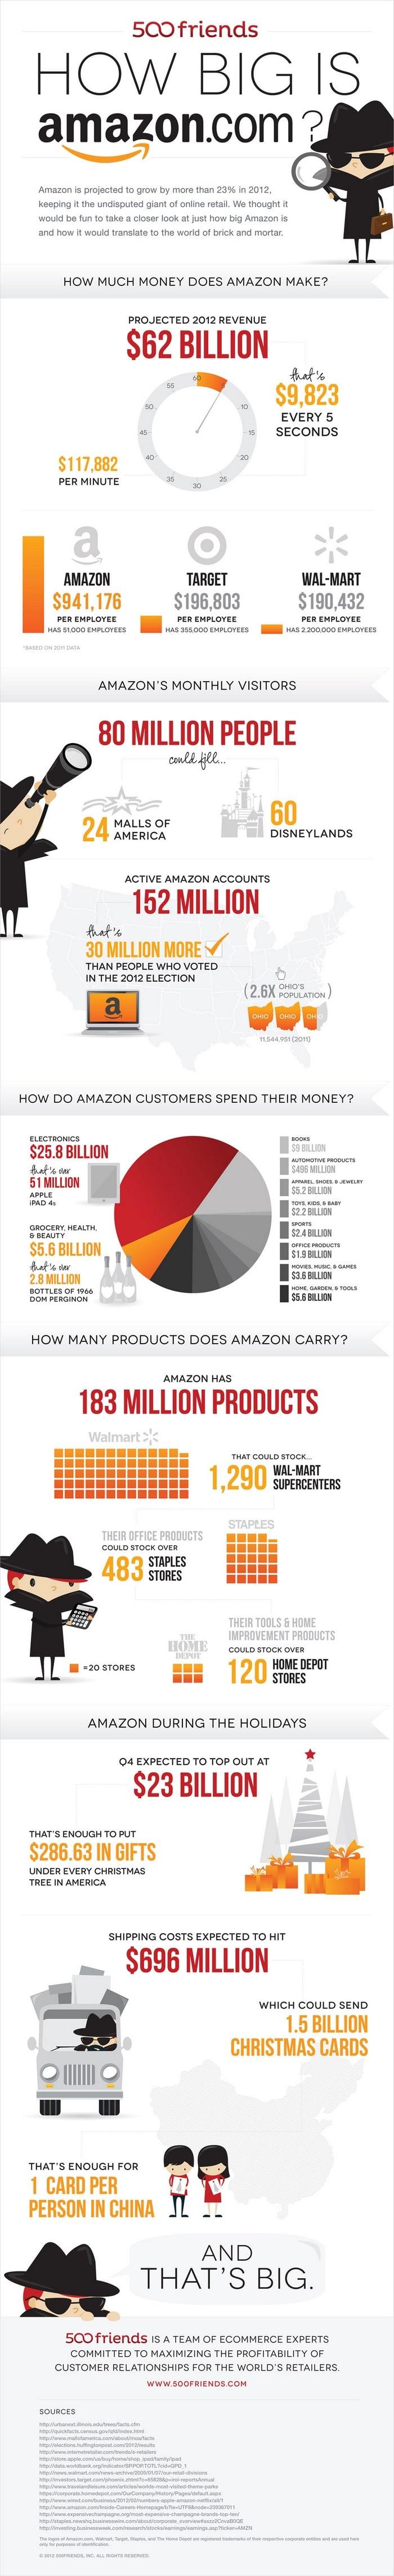 Les eBooks ConseilsMarketing sur Amazon.fr ! 4